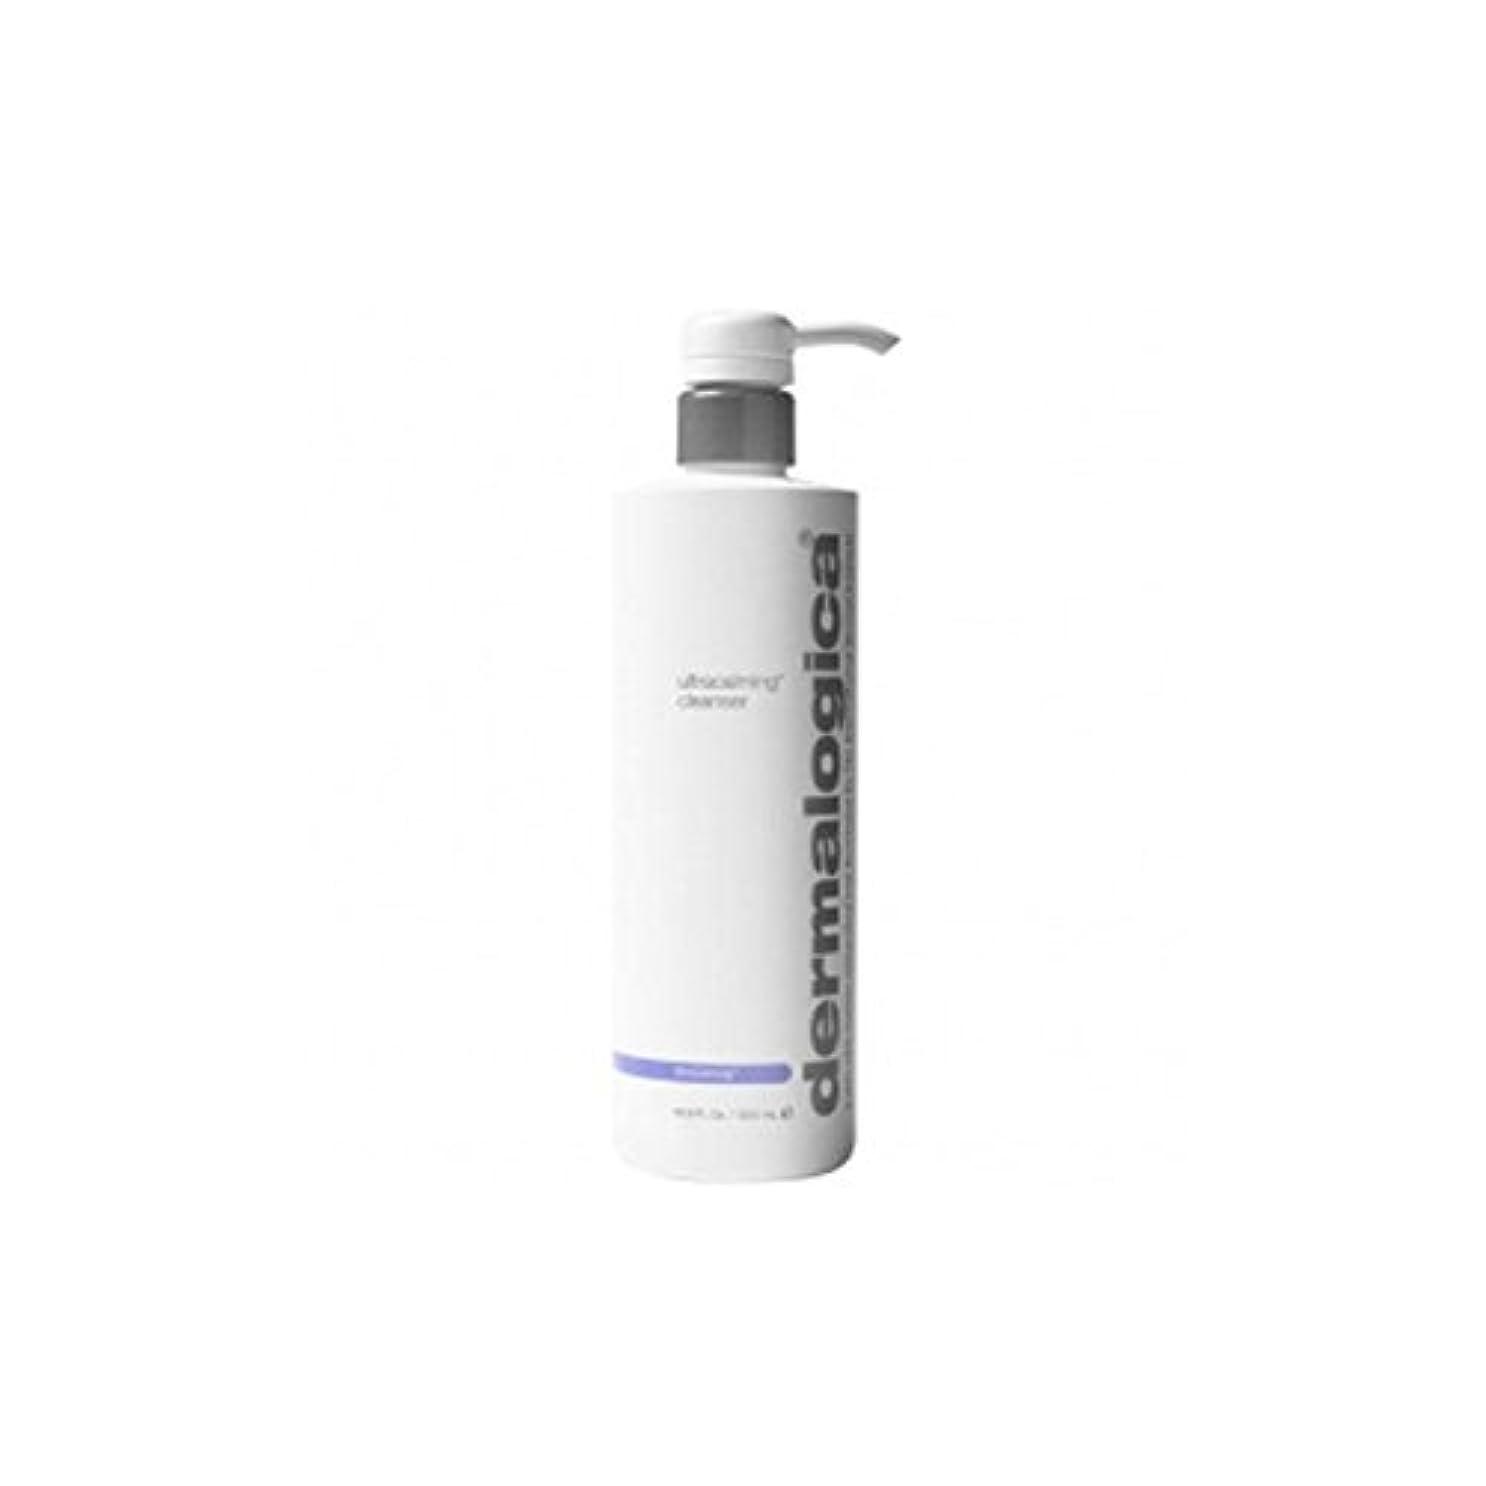 指しょっぱい練るDermalogica Ultracalming Cleanser (500ml) (Pack of 6) - ダーマロジカクレンザー(500ミリリットル) x6 [並行輸入品]